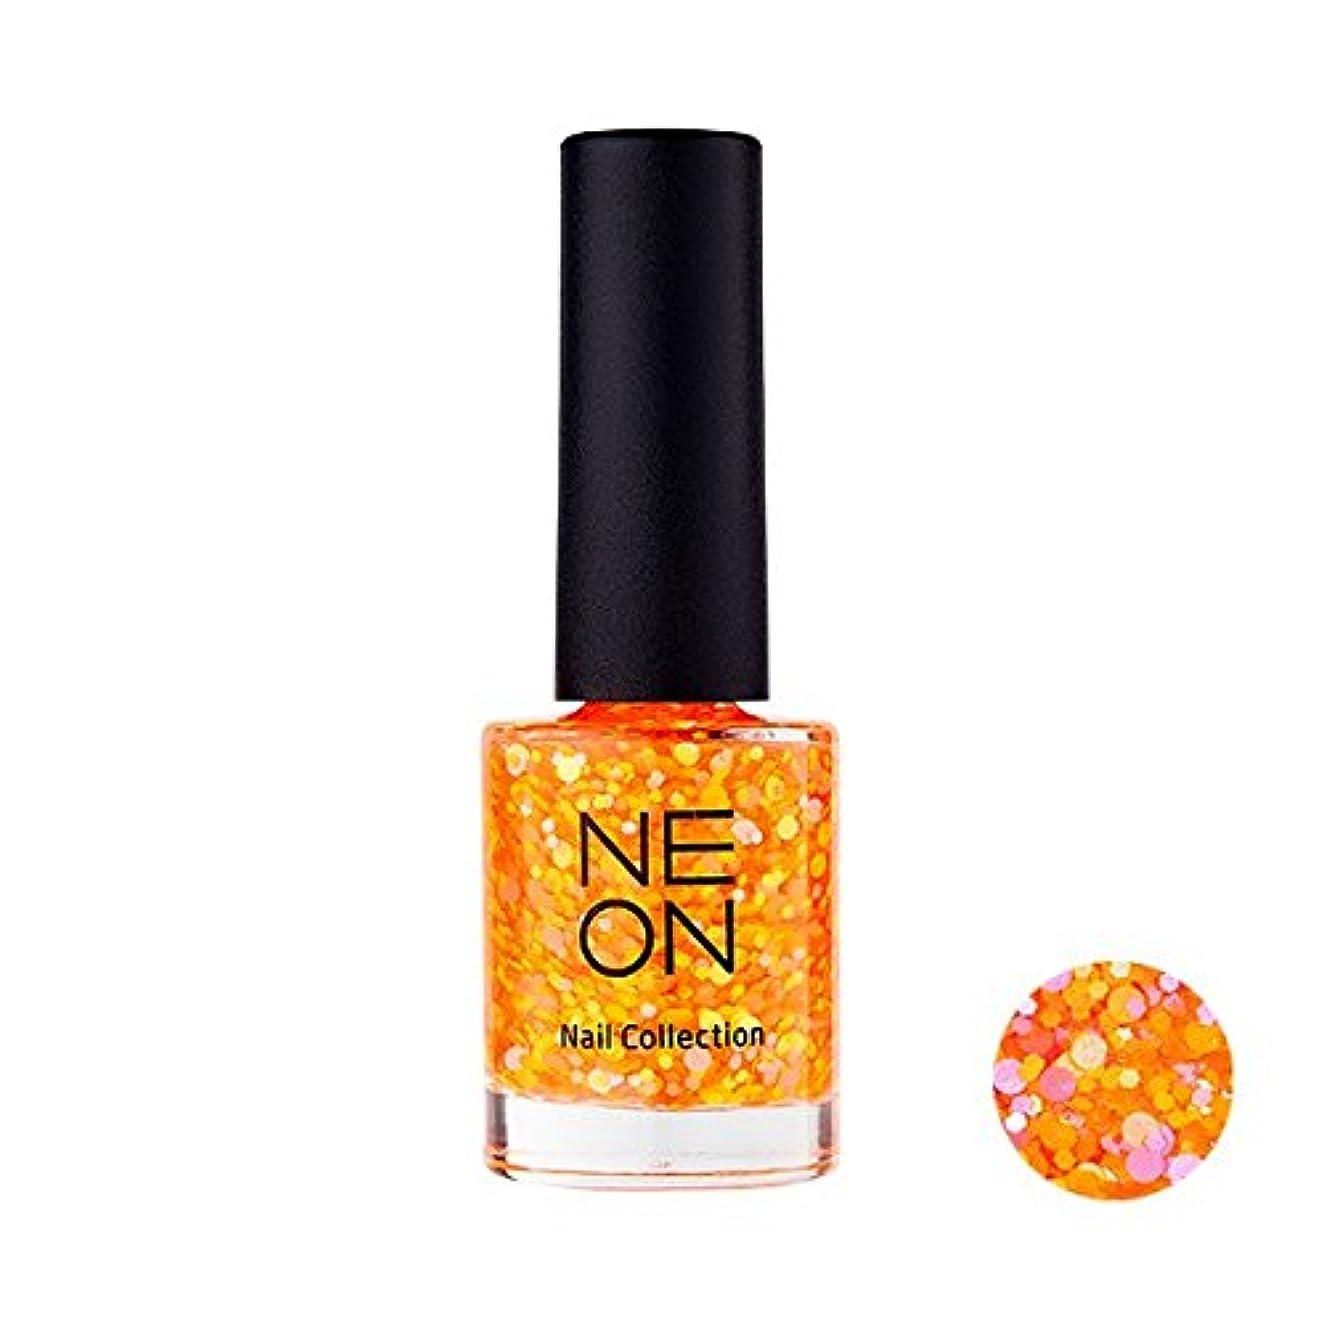 聖域ユニークな感性It'S SKIN Neon nail collection [03 Neon Glitter Orange] イッツスキン ネオンネイルコレクション [03 ネオン グリッター オレンジ] [並行輸入品]